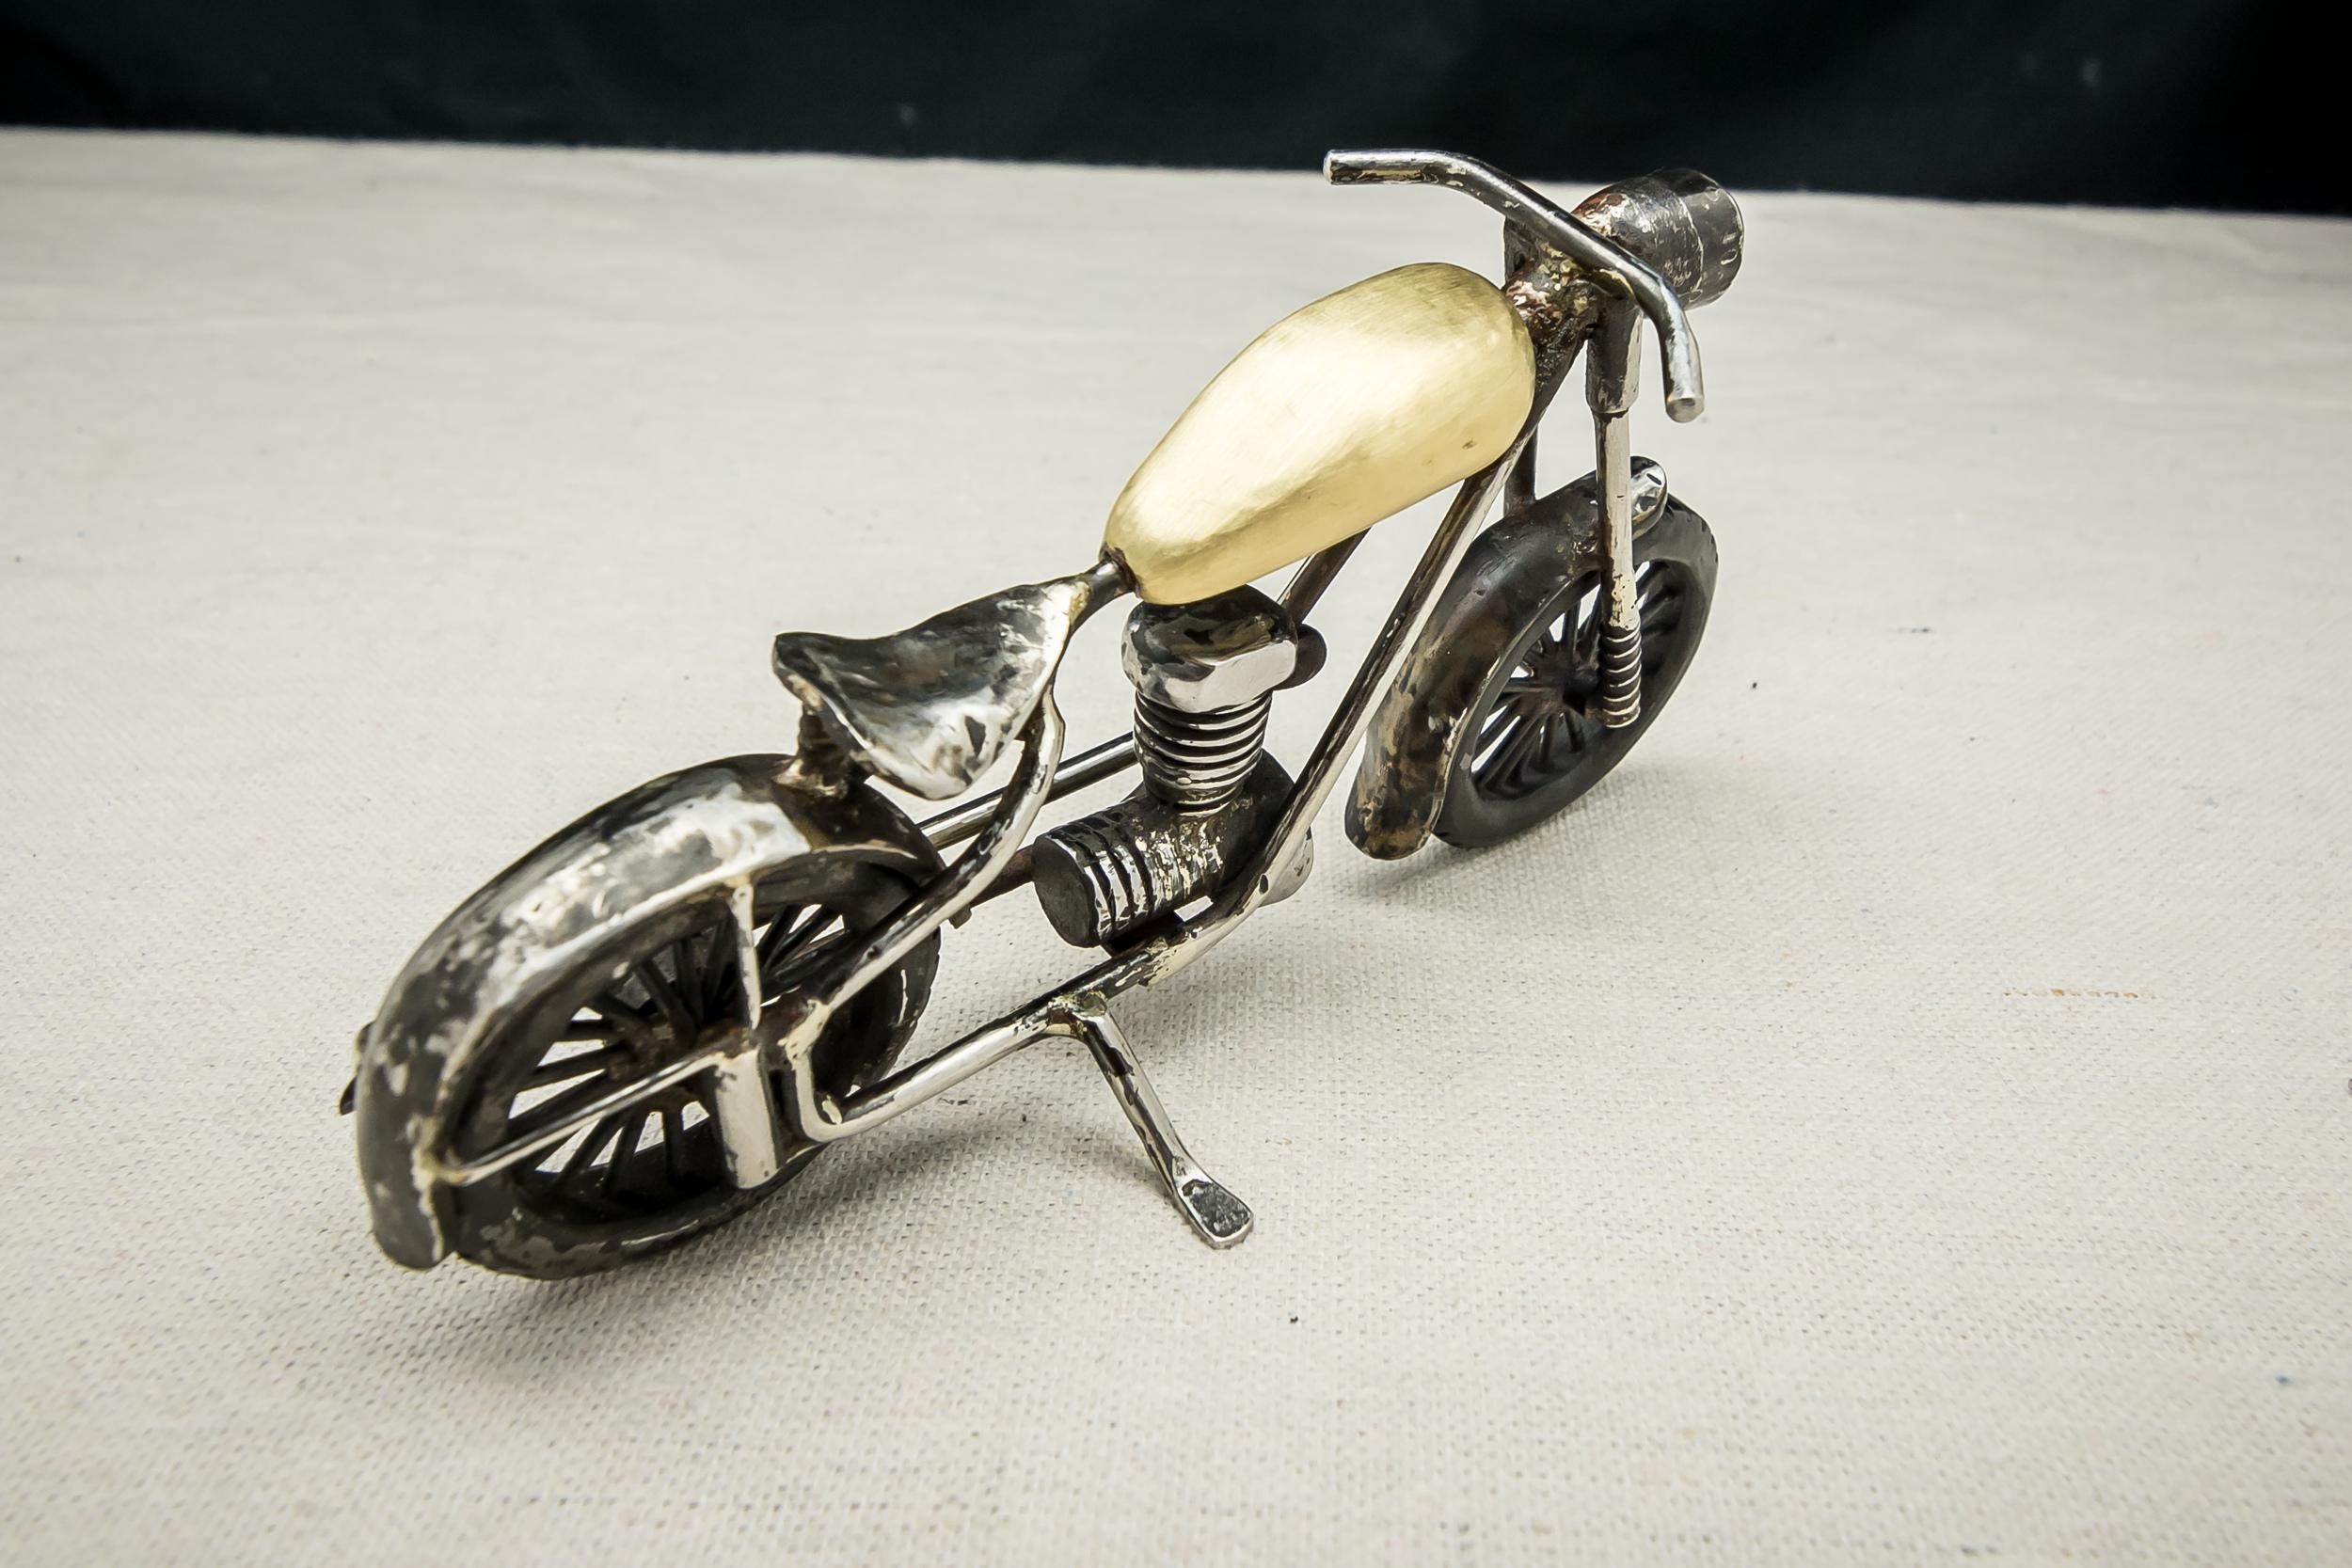 Vintage Motorcycle-12.jpg